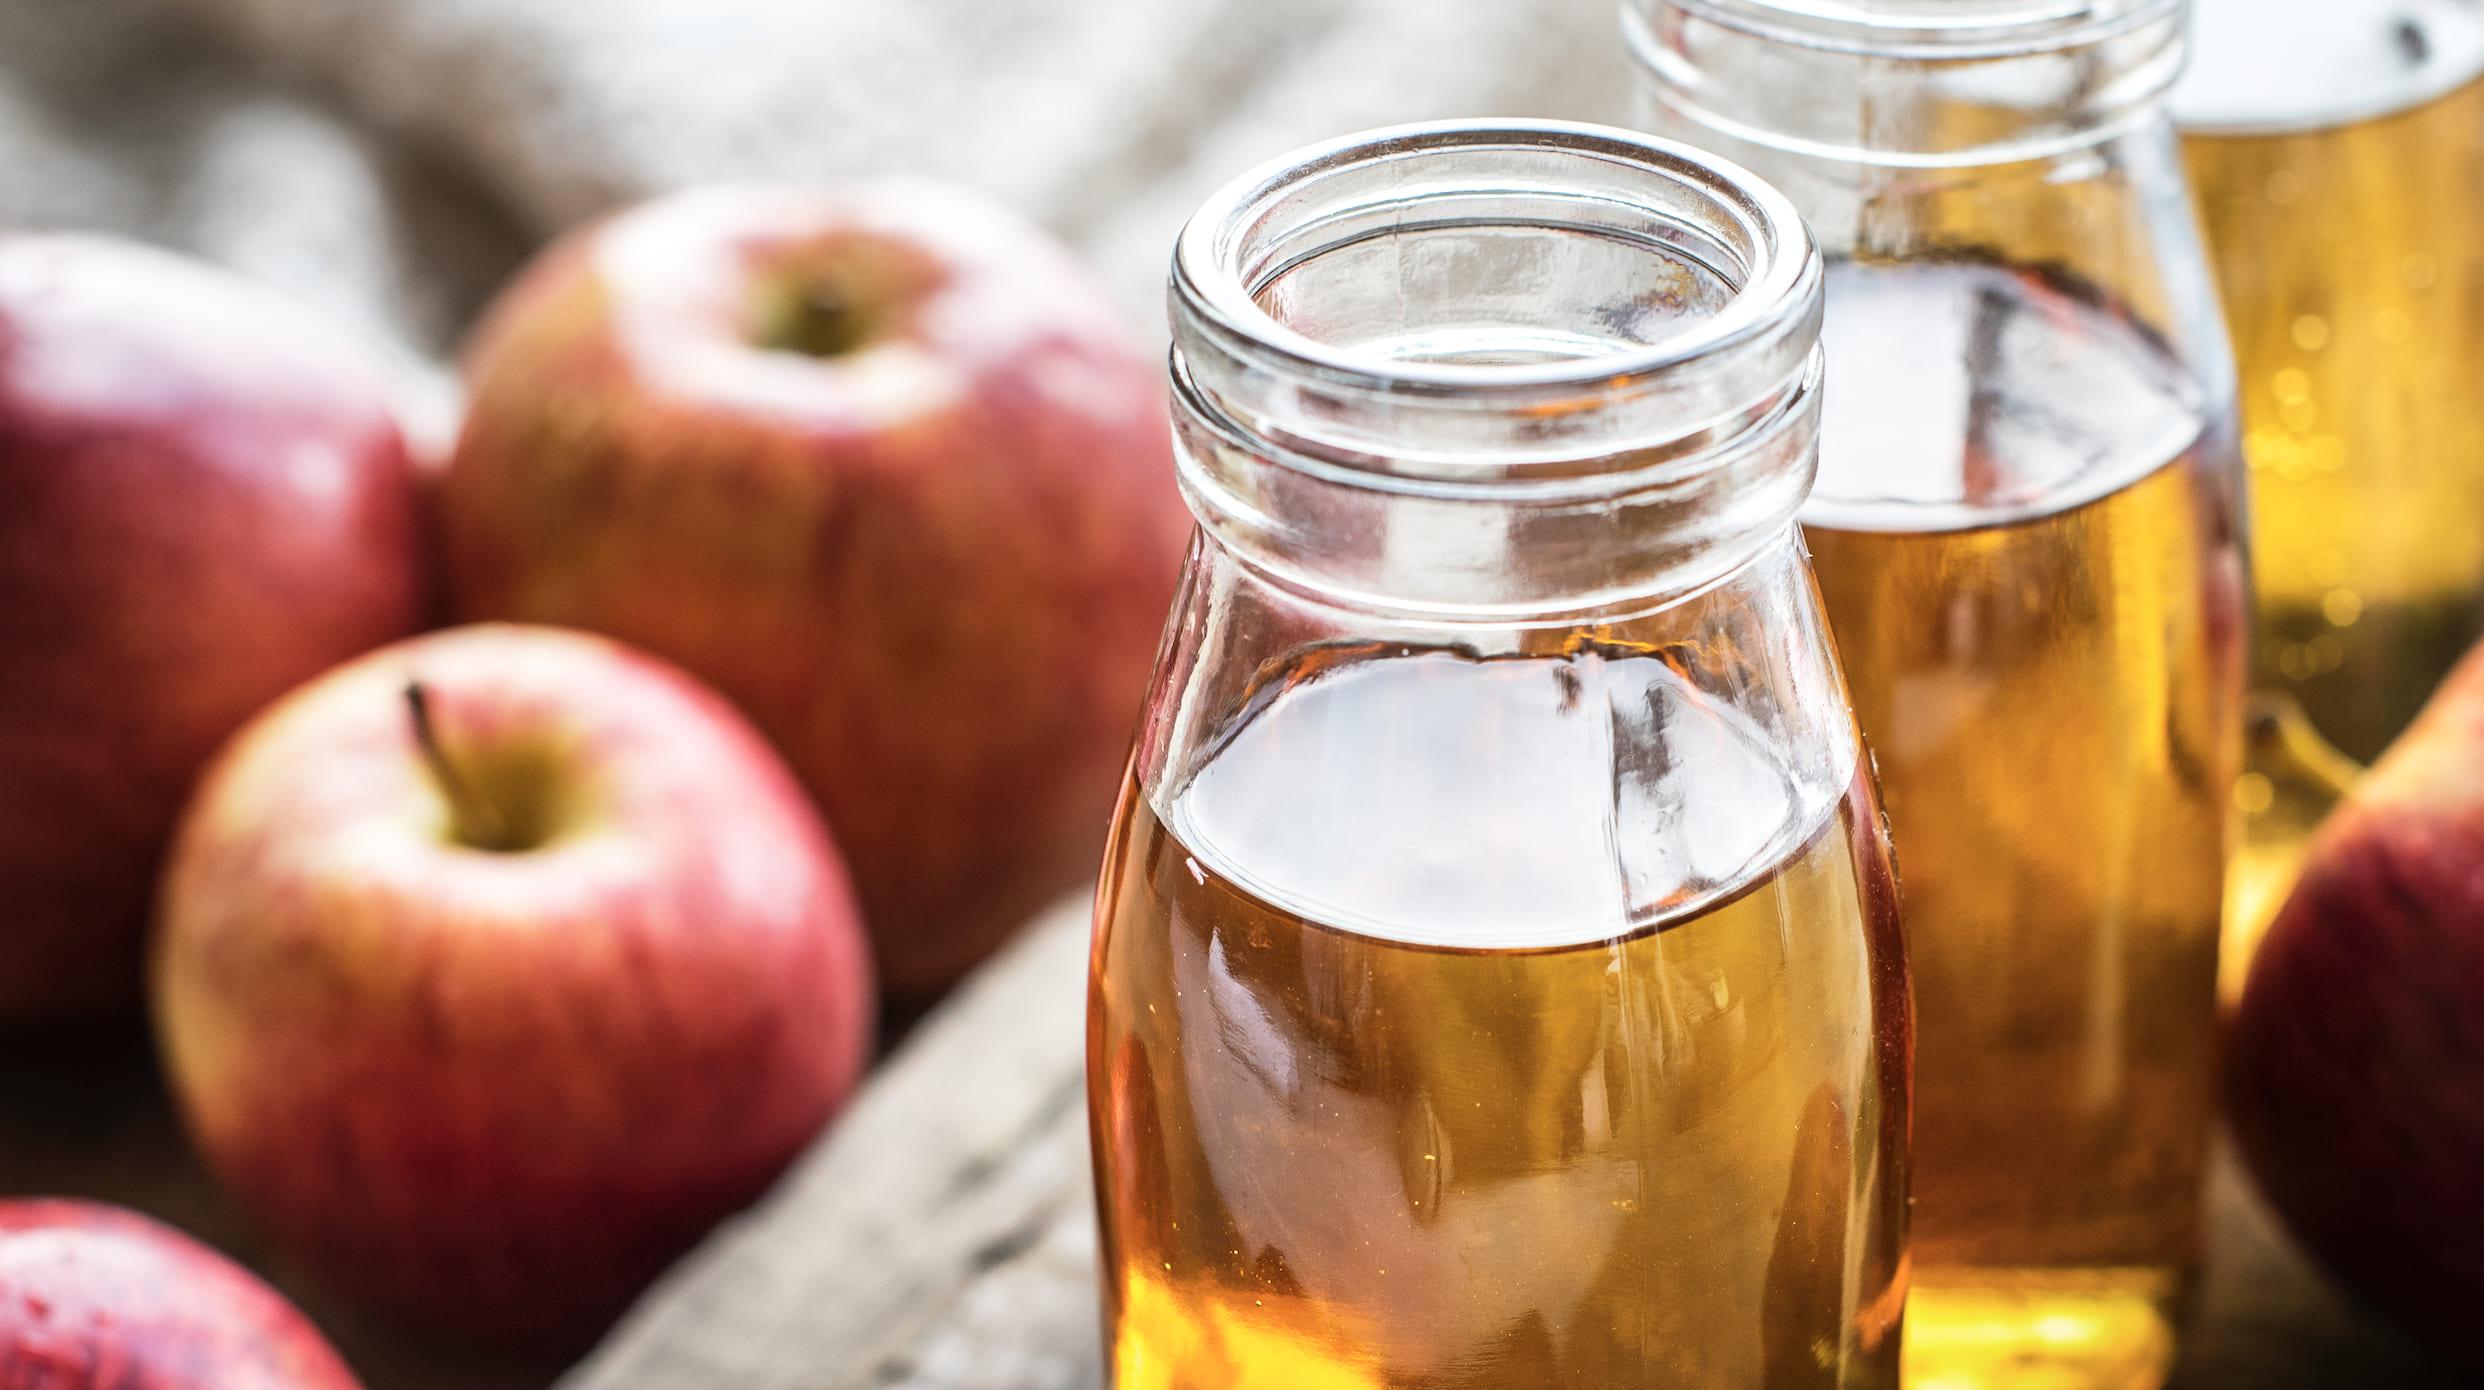 Descubre los increíbles beneficios de tomar vinagre de manzana